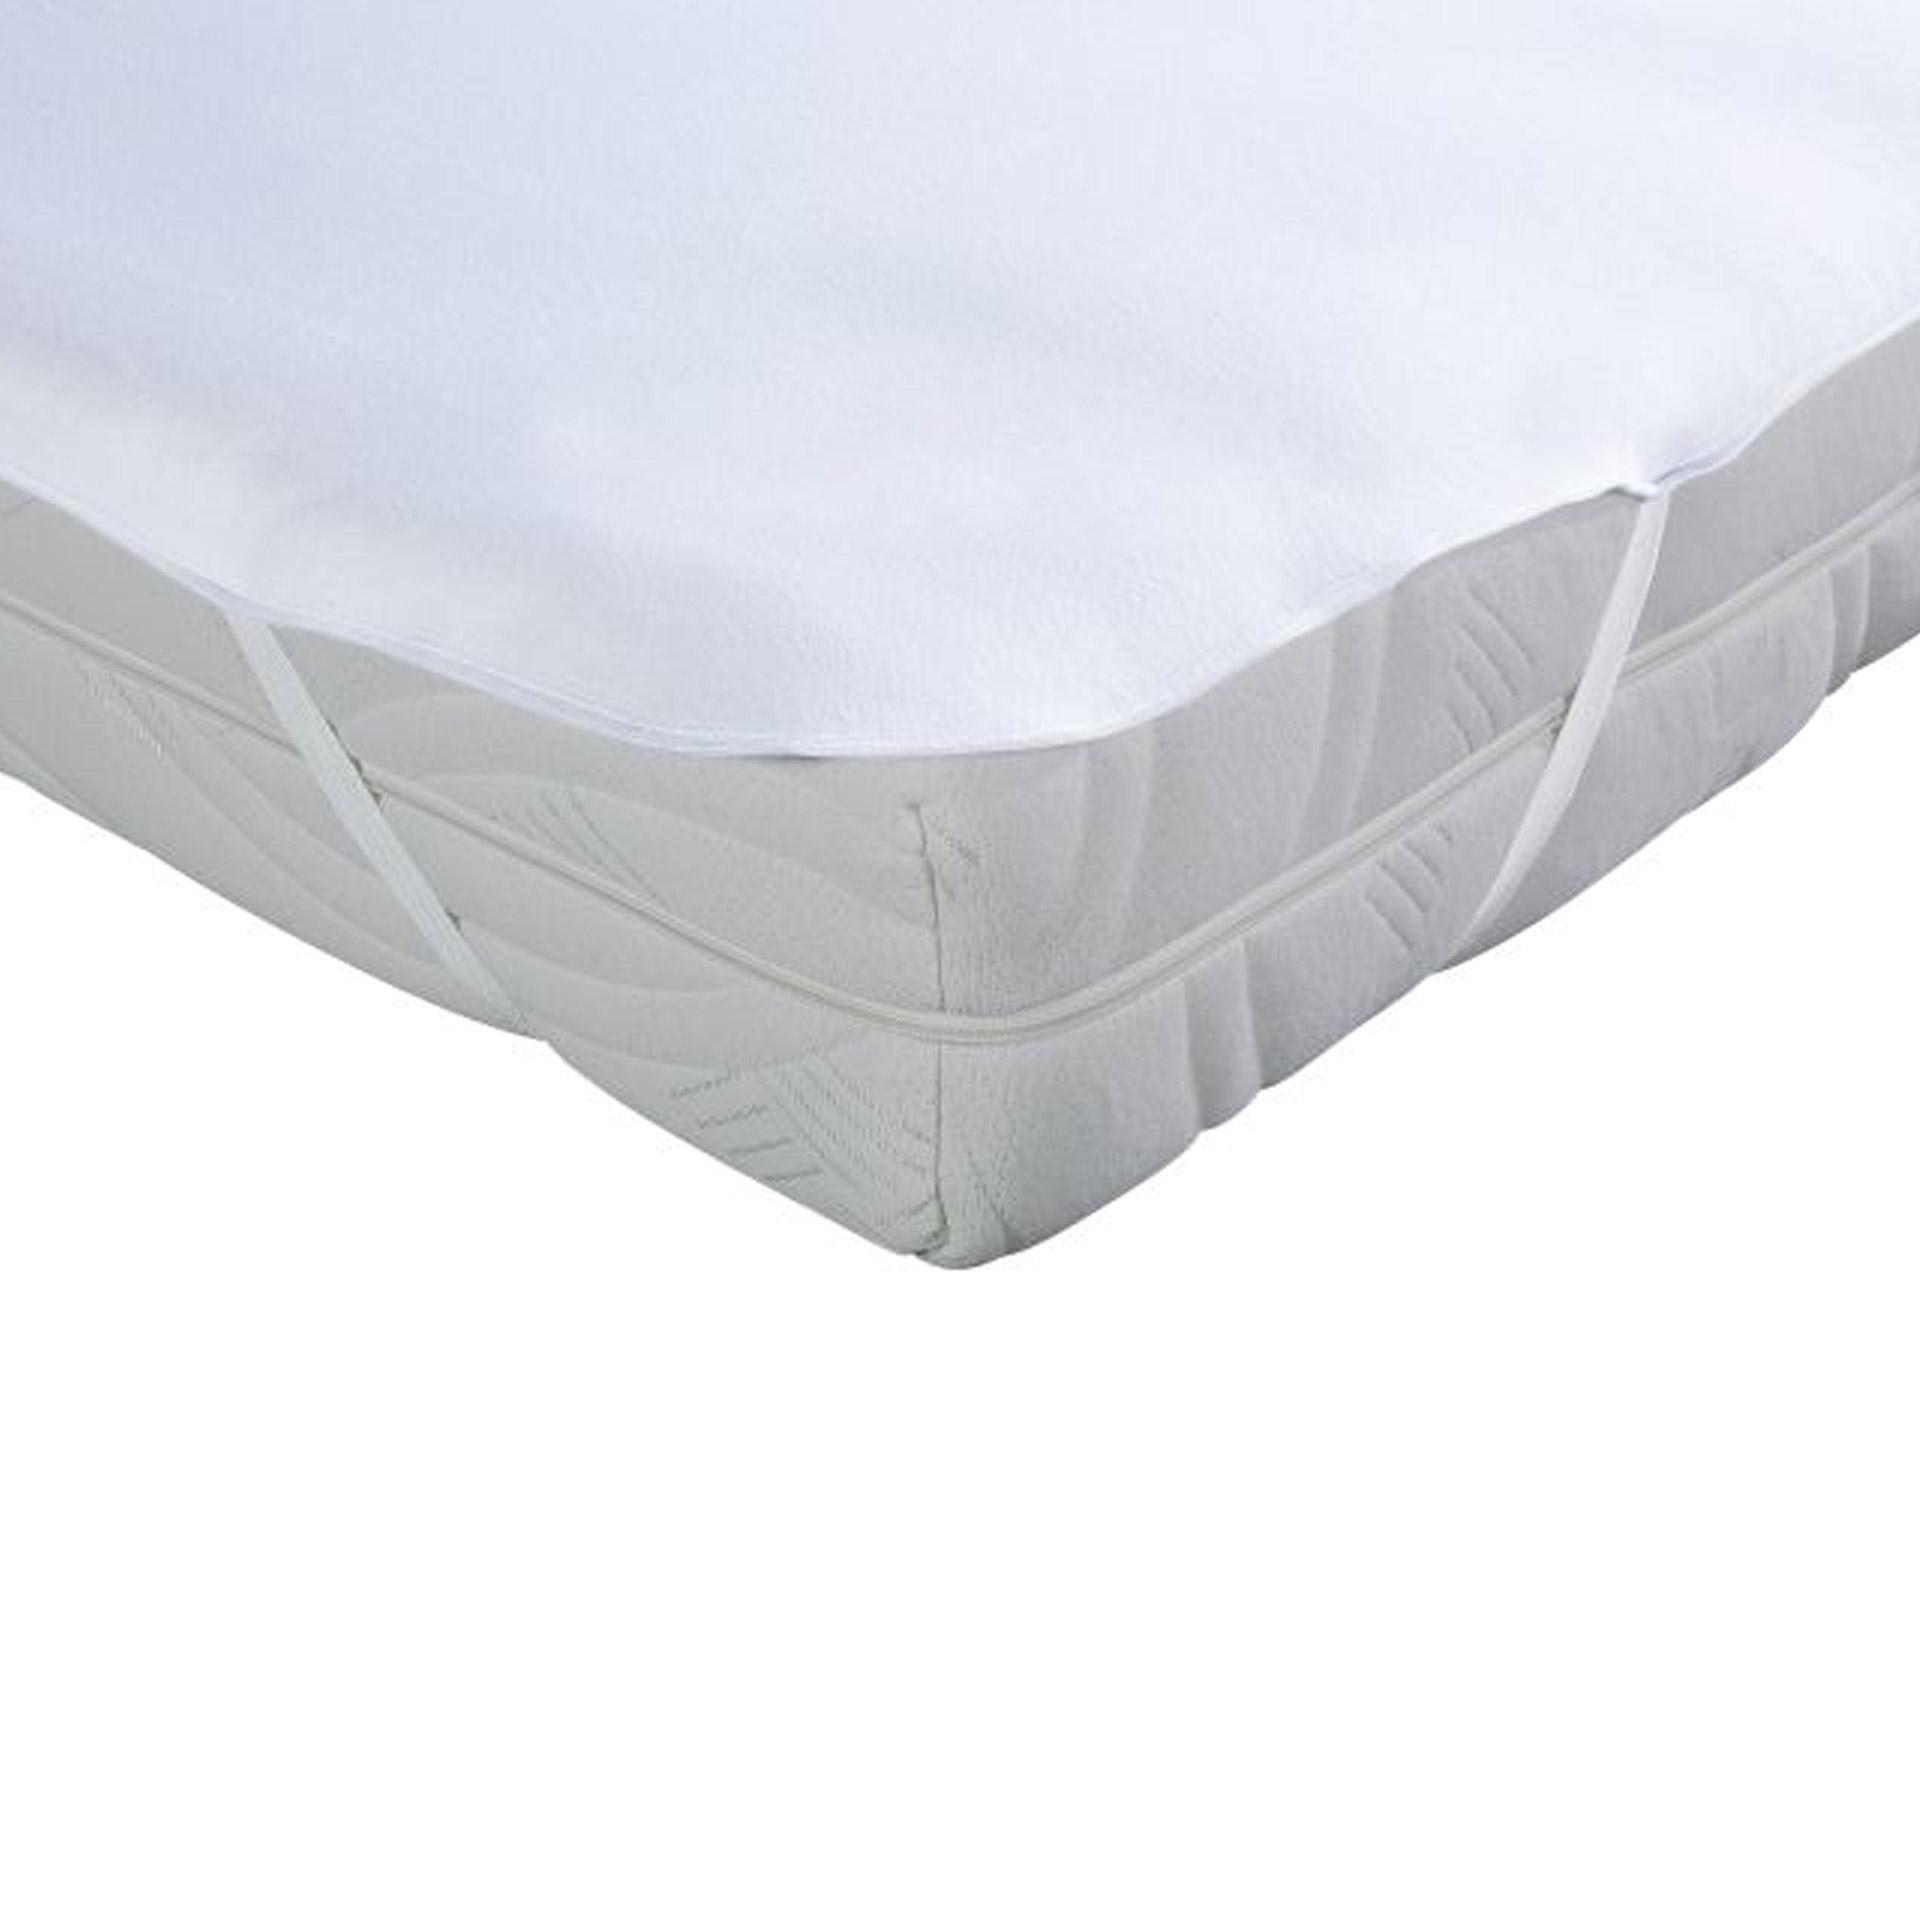 Moltonauflage mit Silvercareausrüstung (140x200, antibakteriell)